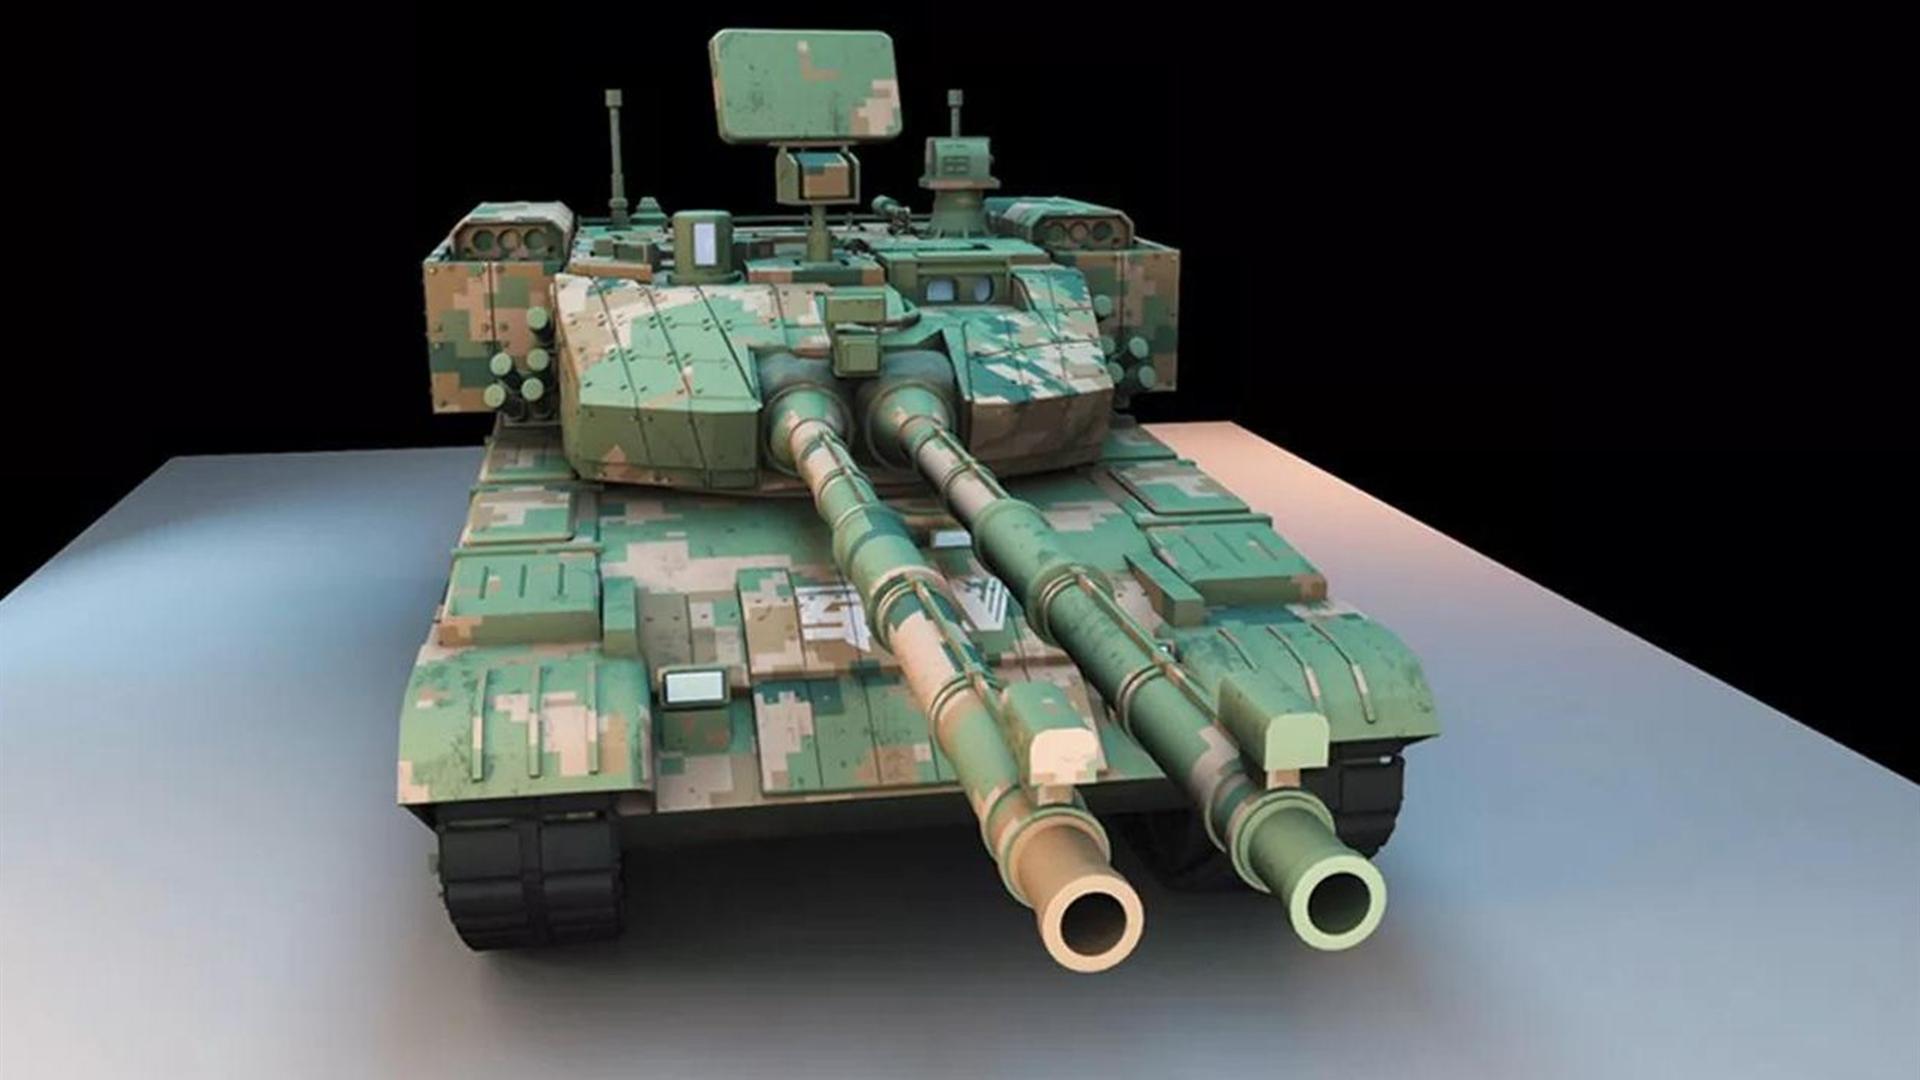 【天启坦克积木】天启坦克积木品牌、价格 - 阿里巴巴